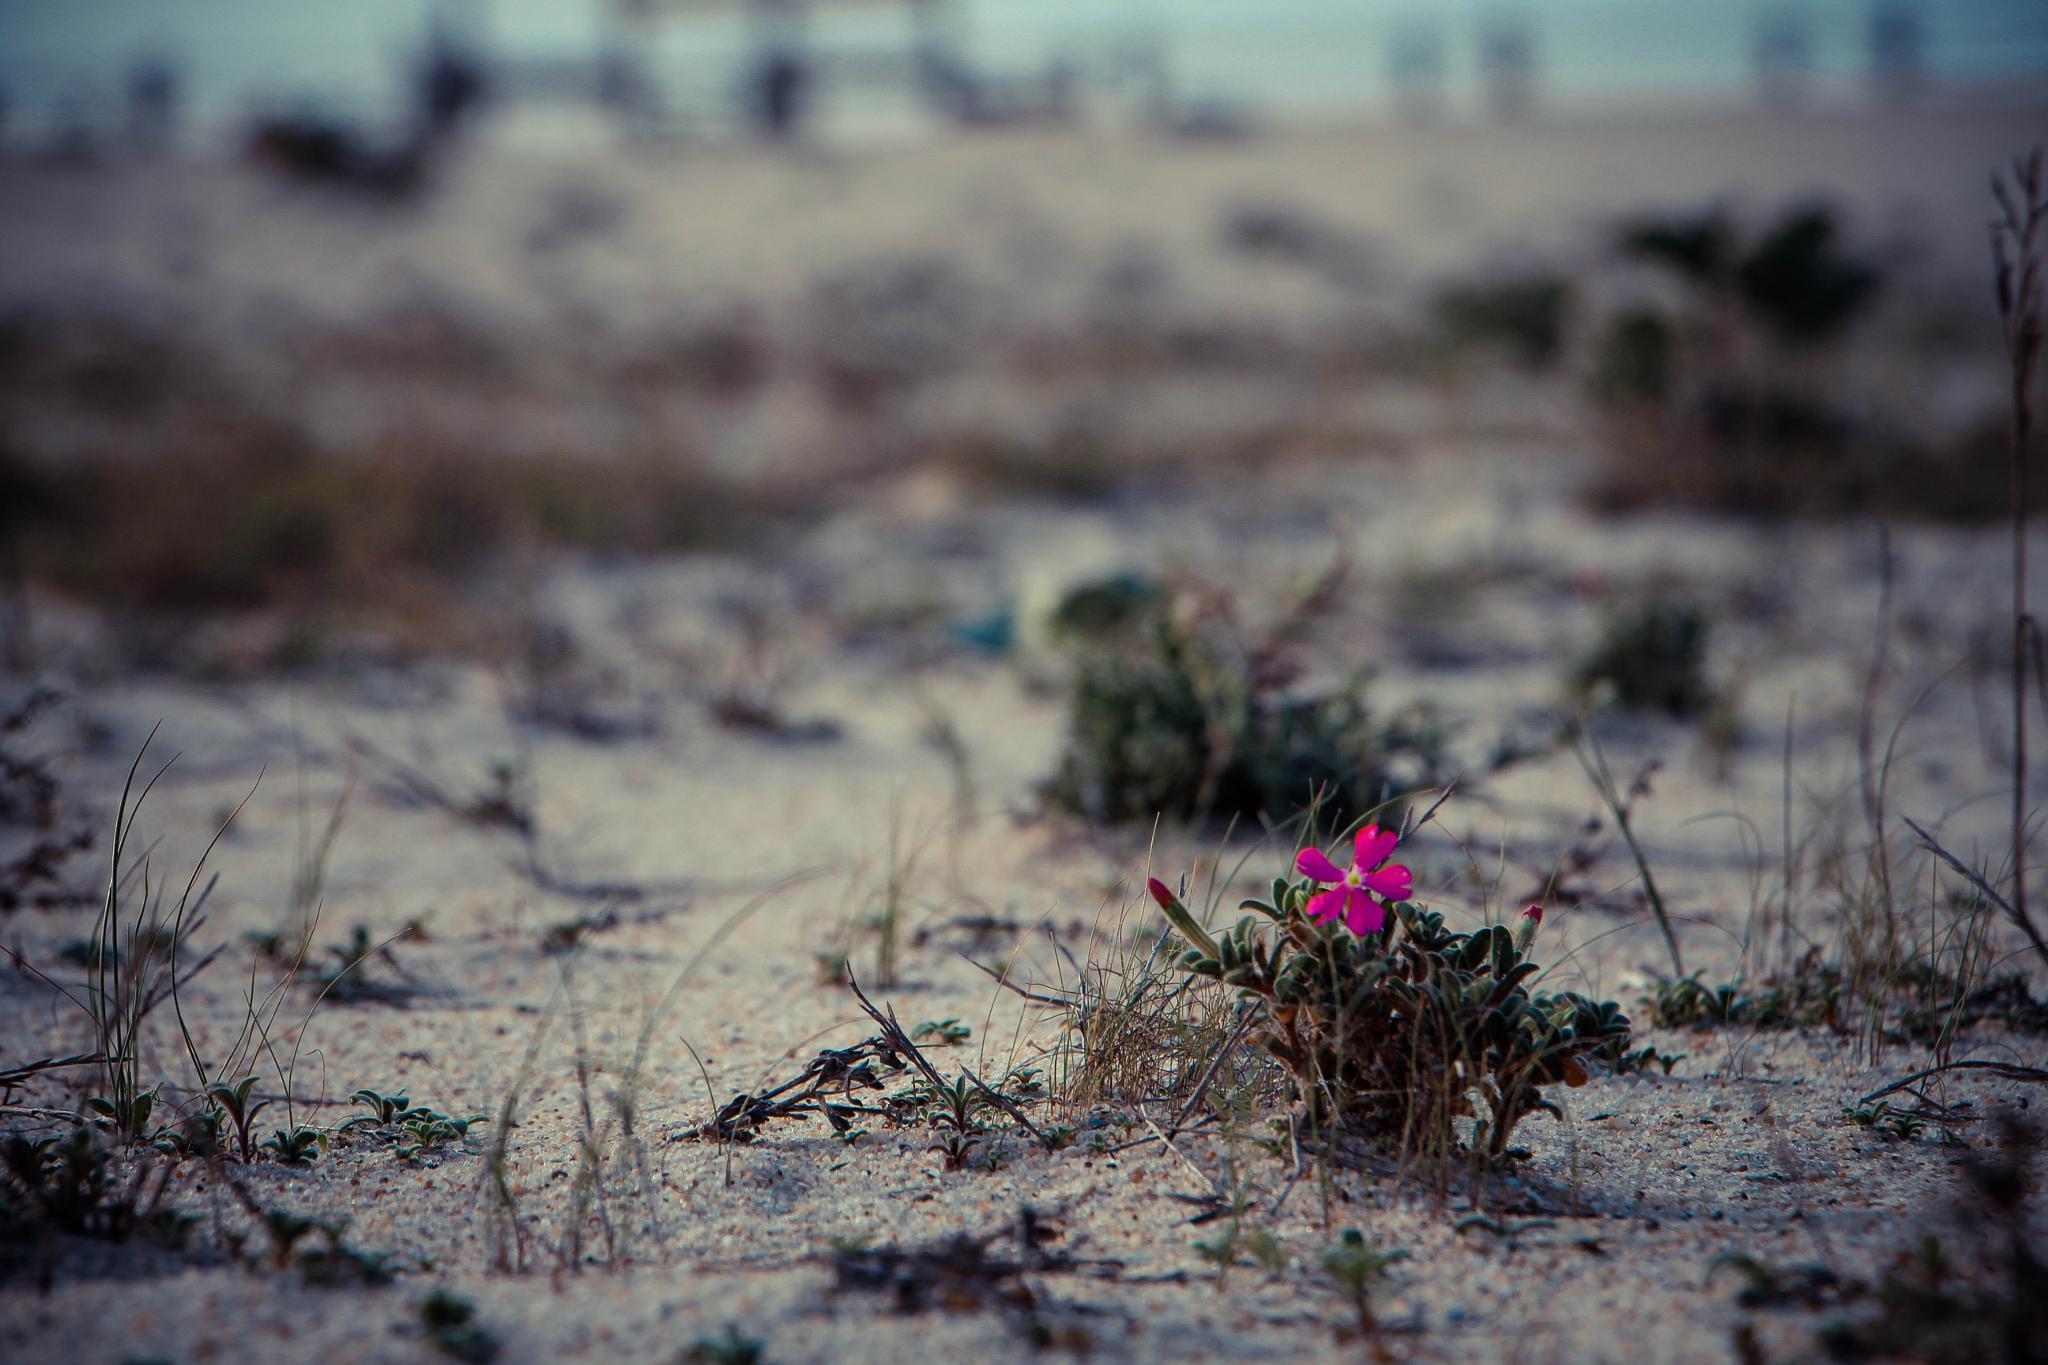 Alone by Mauro Zarkand